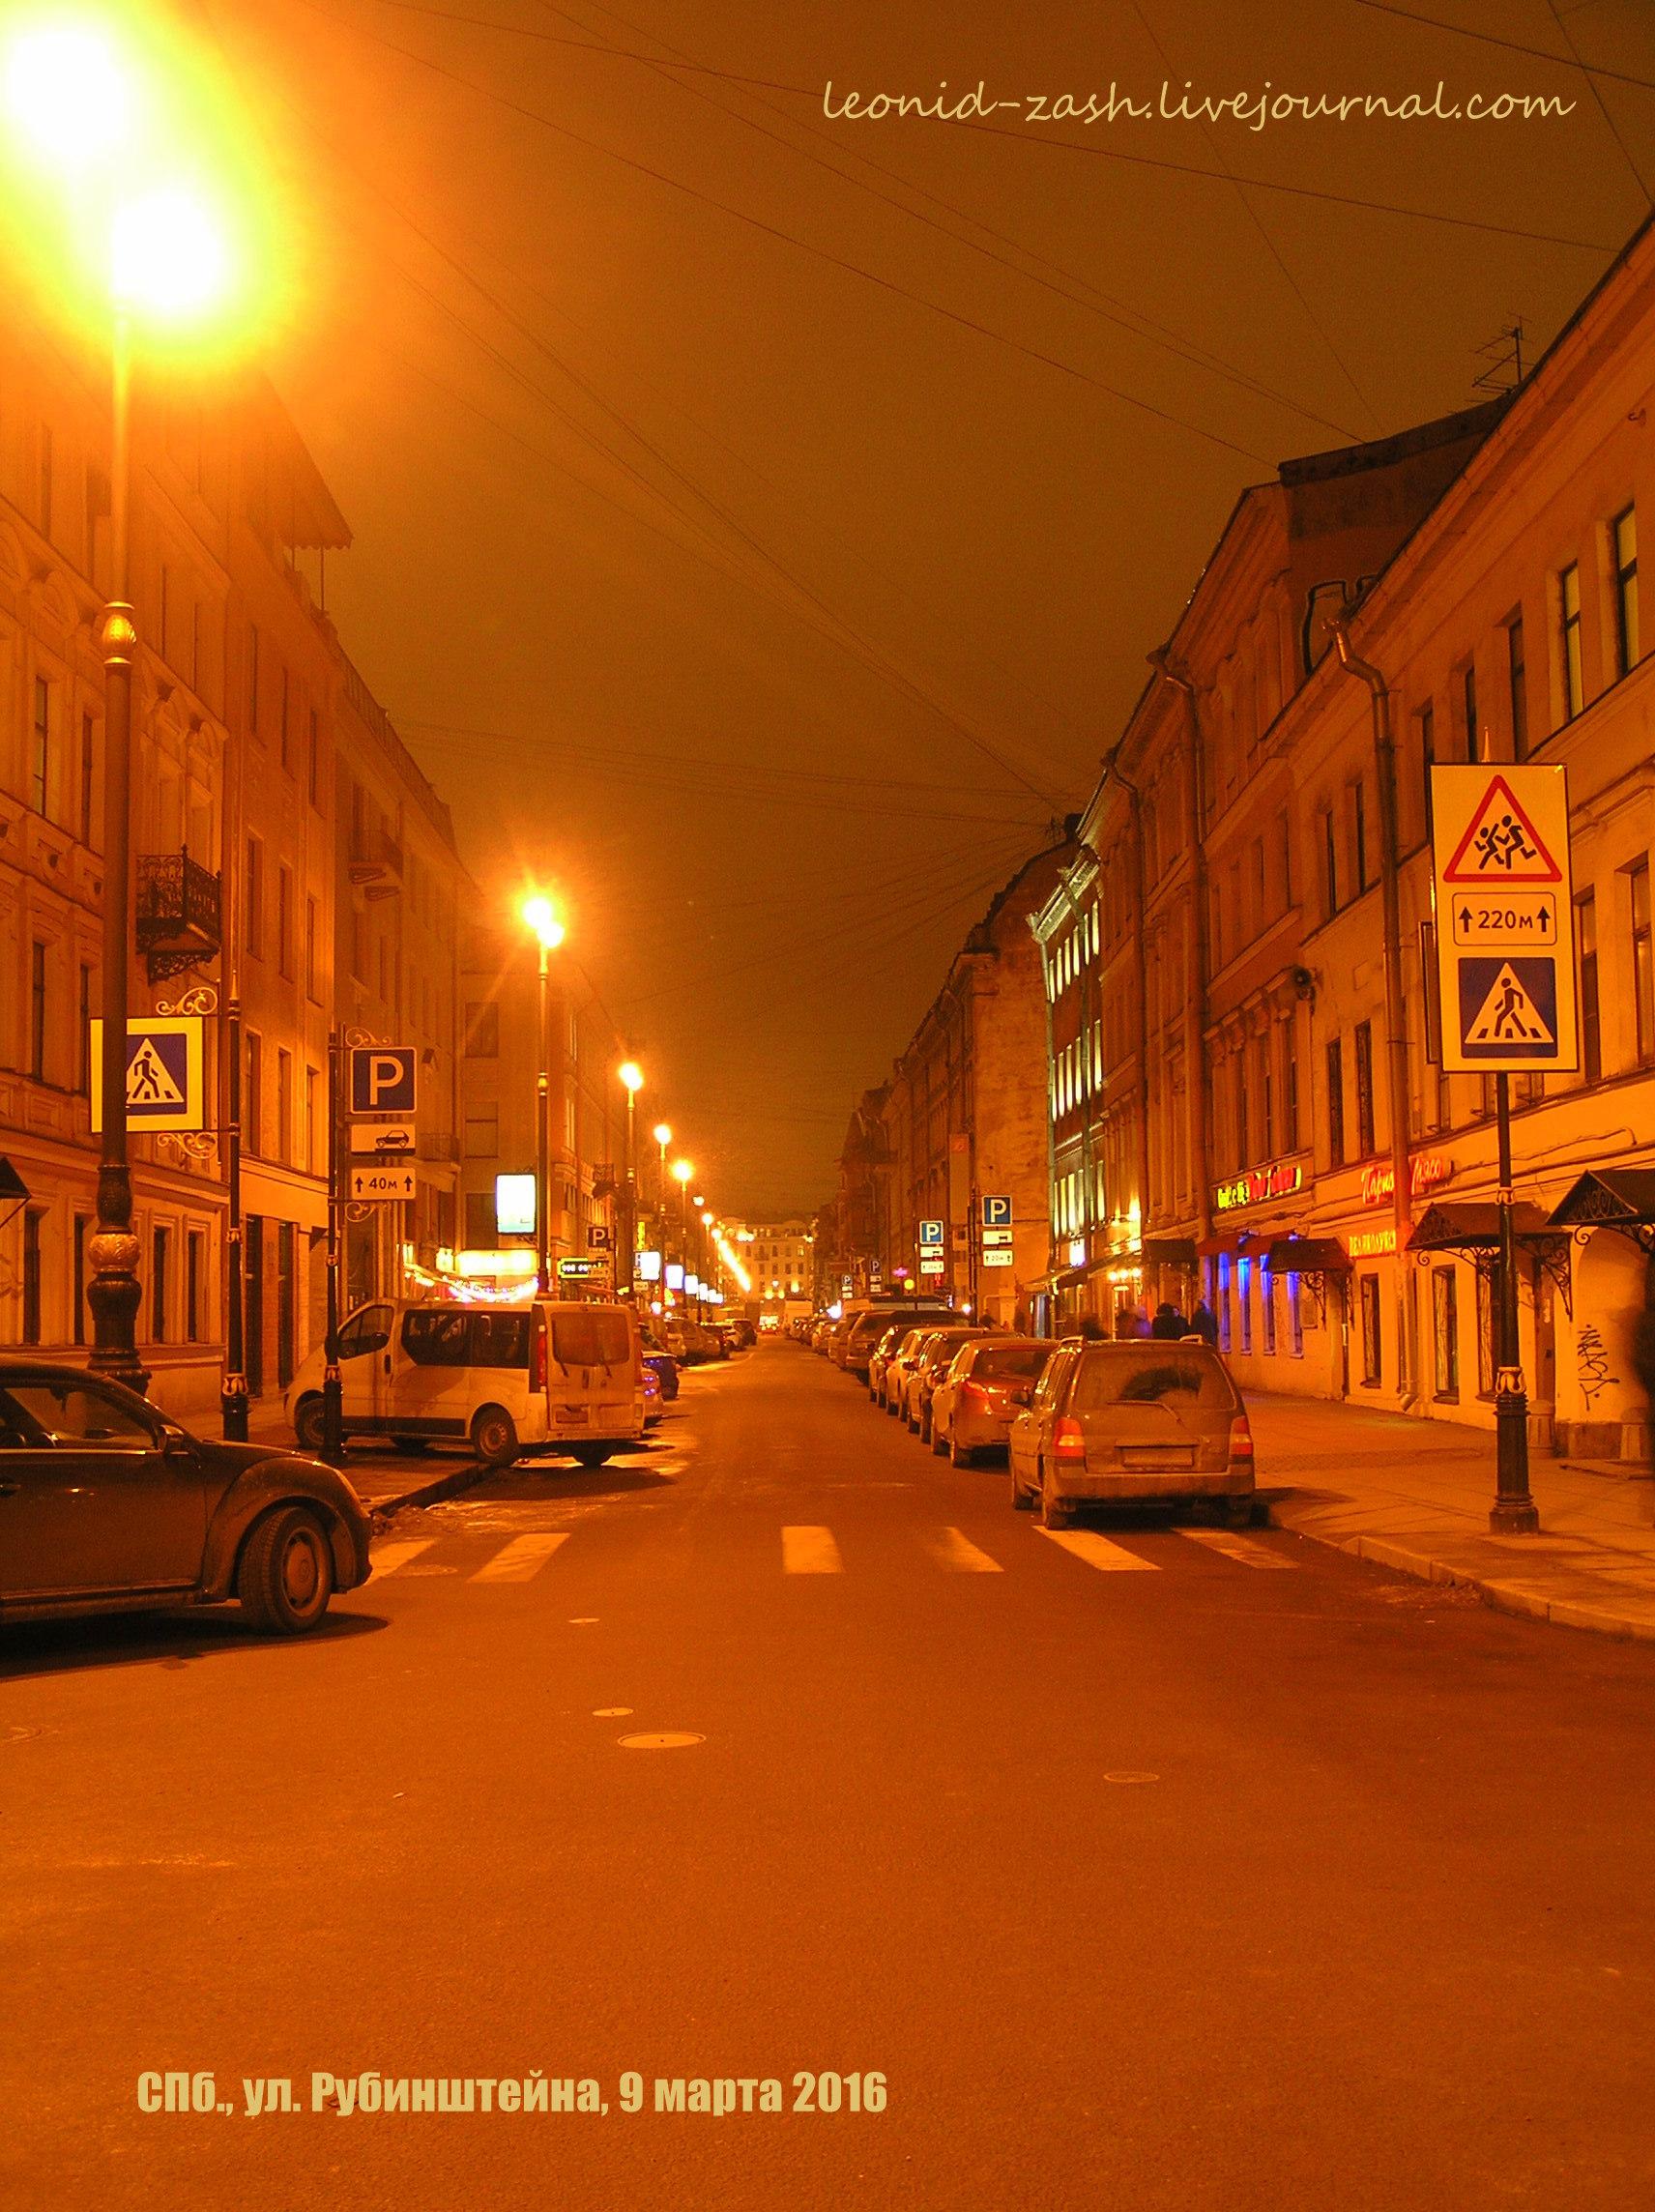 Санкт-Петербург ул. Рубинштейна 14.JPG